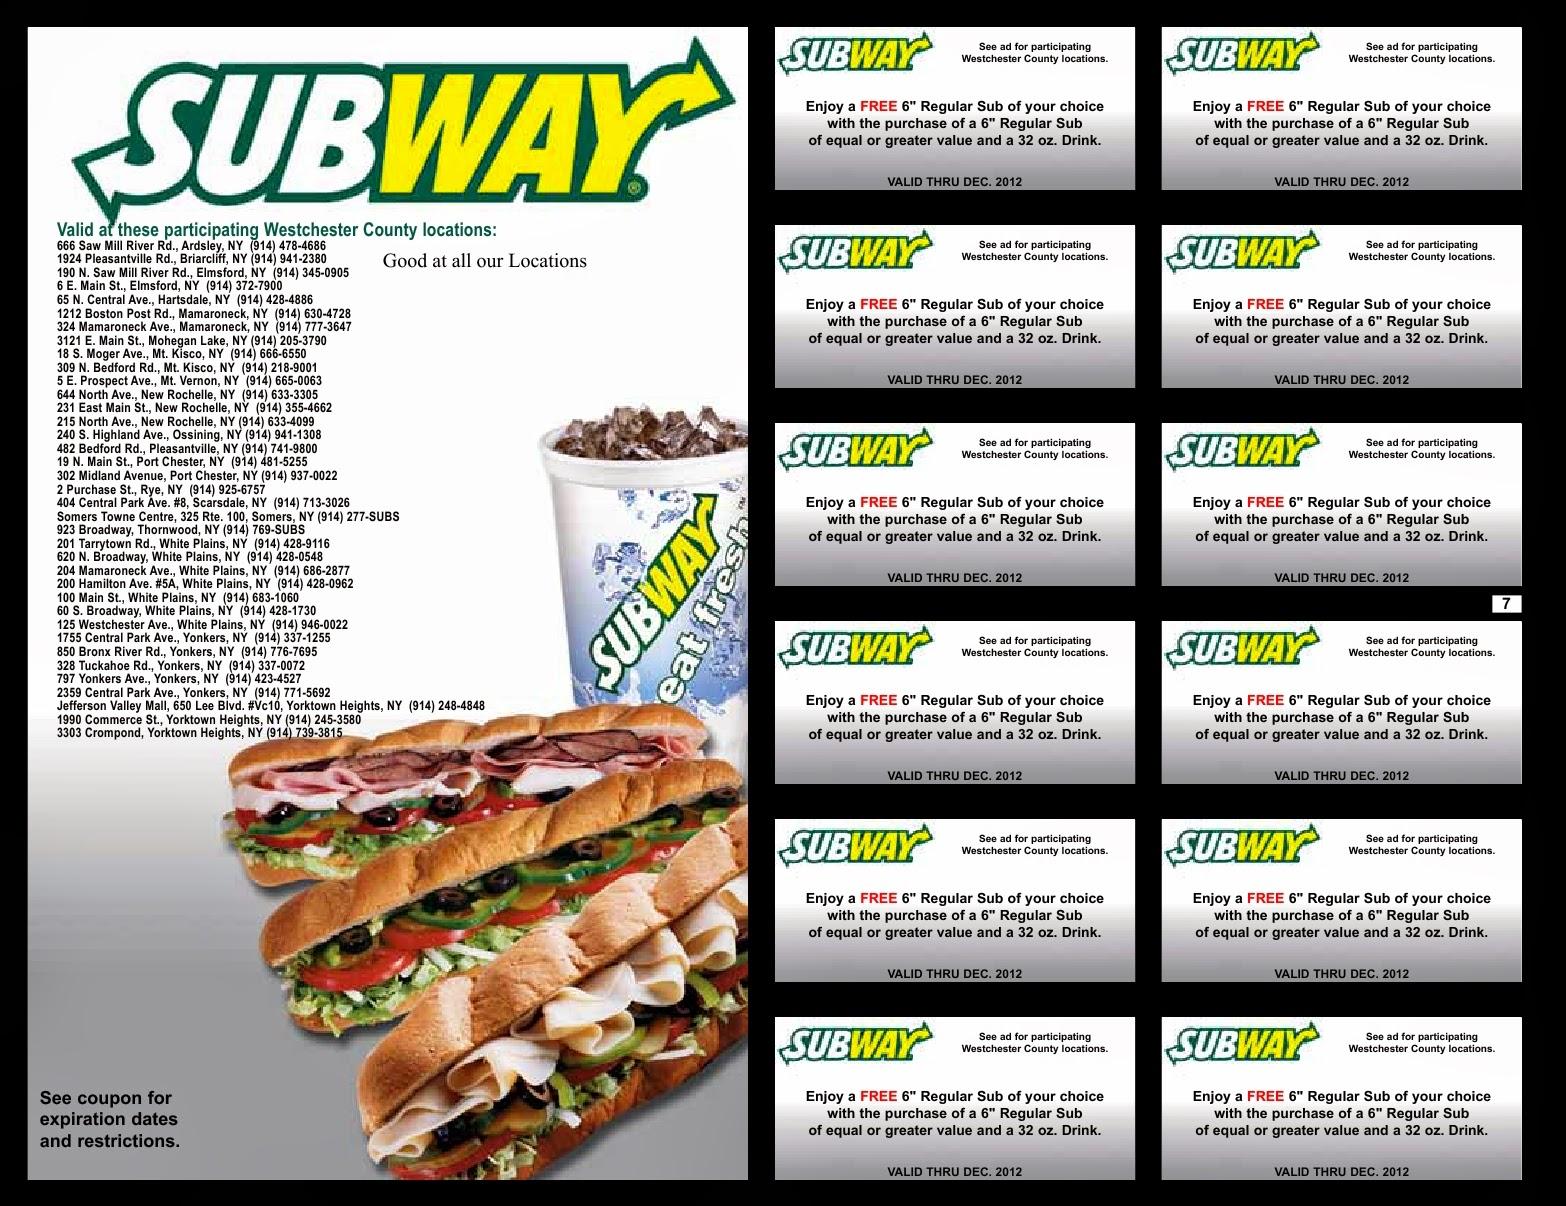 subway coupons canada november